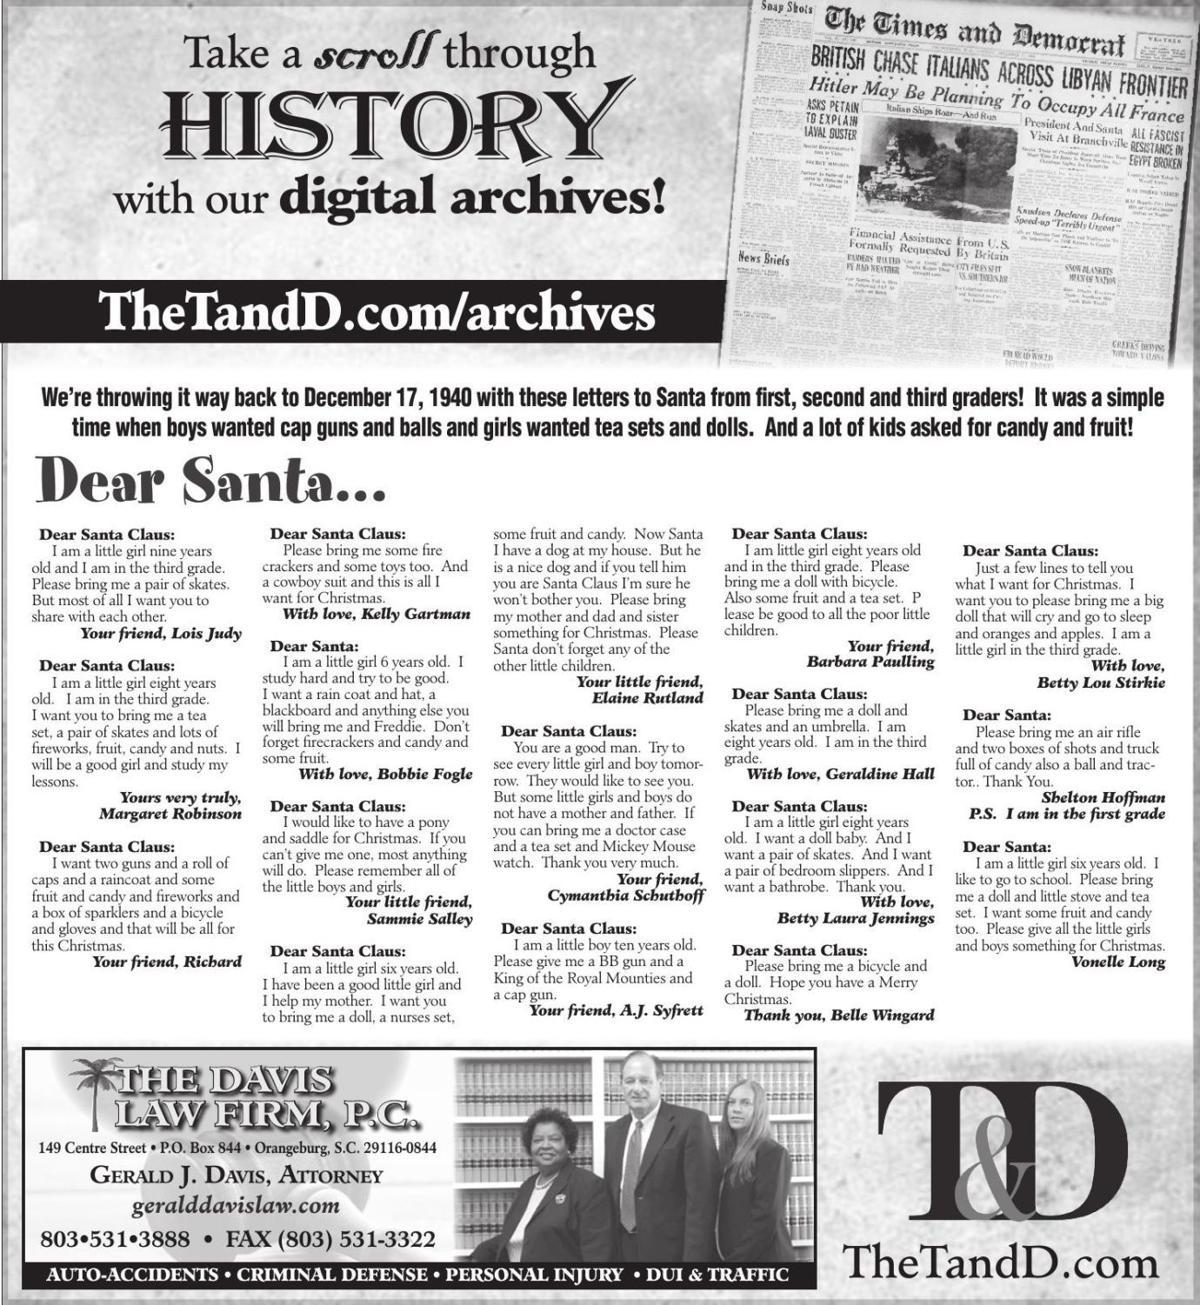 TheTandD.com/archives Dec. 15, 2019